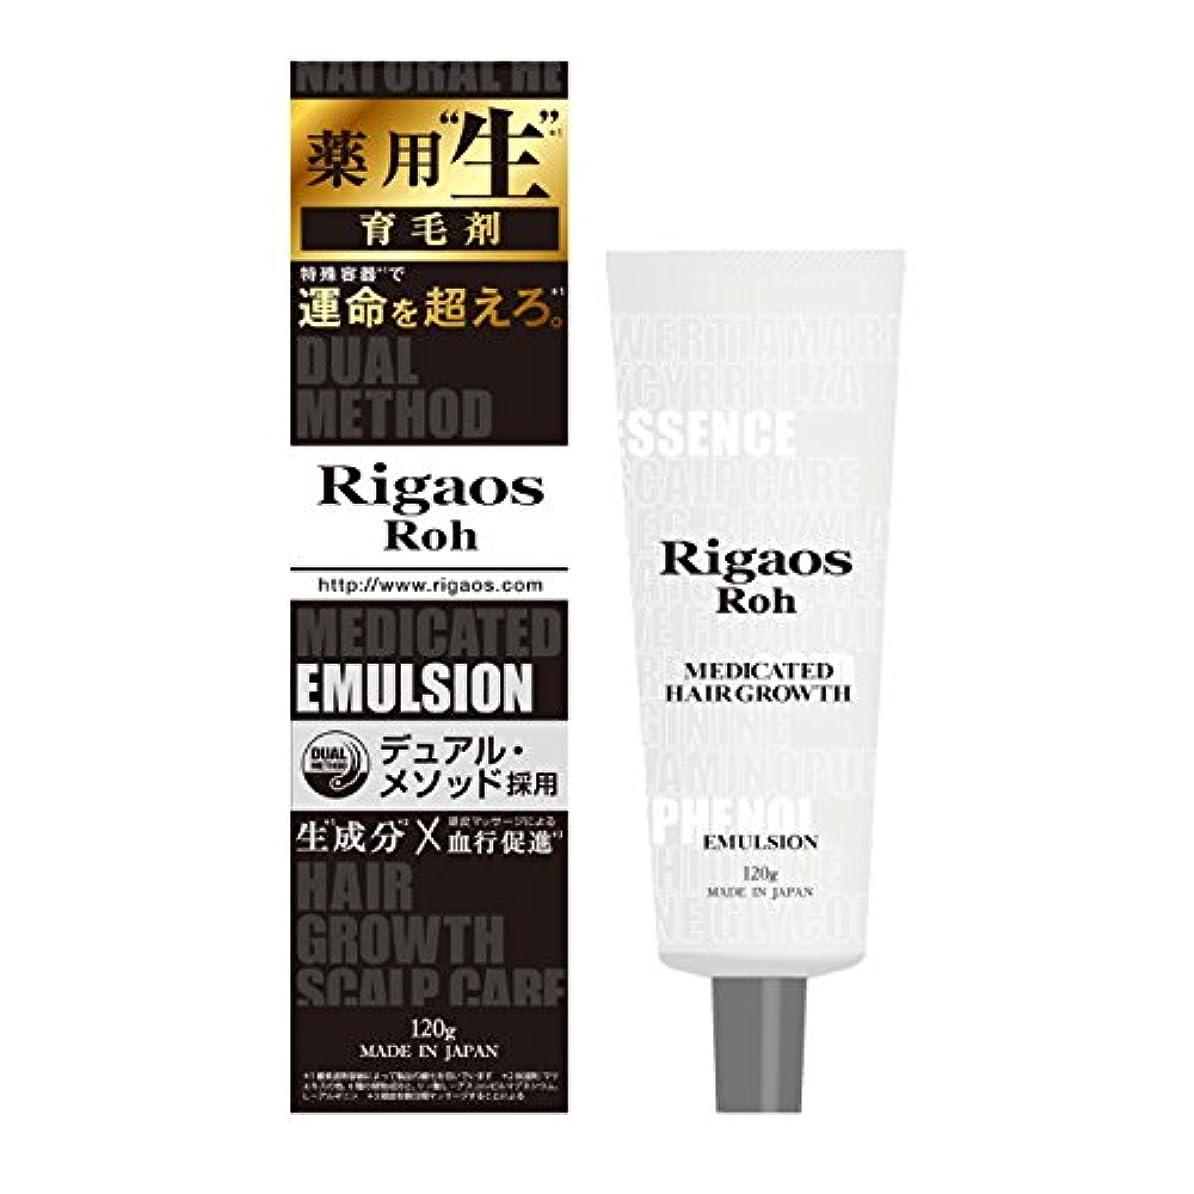 【医薬部外品】Rigaos Roh リガオスロー 薬用育毛剤エマルジョン 120ml【2個セット】